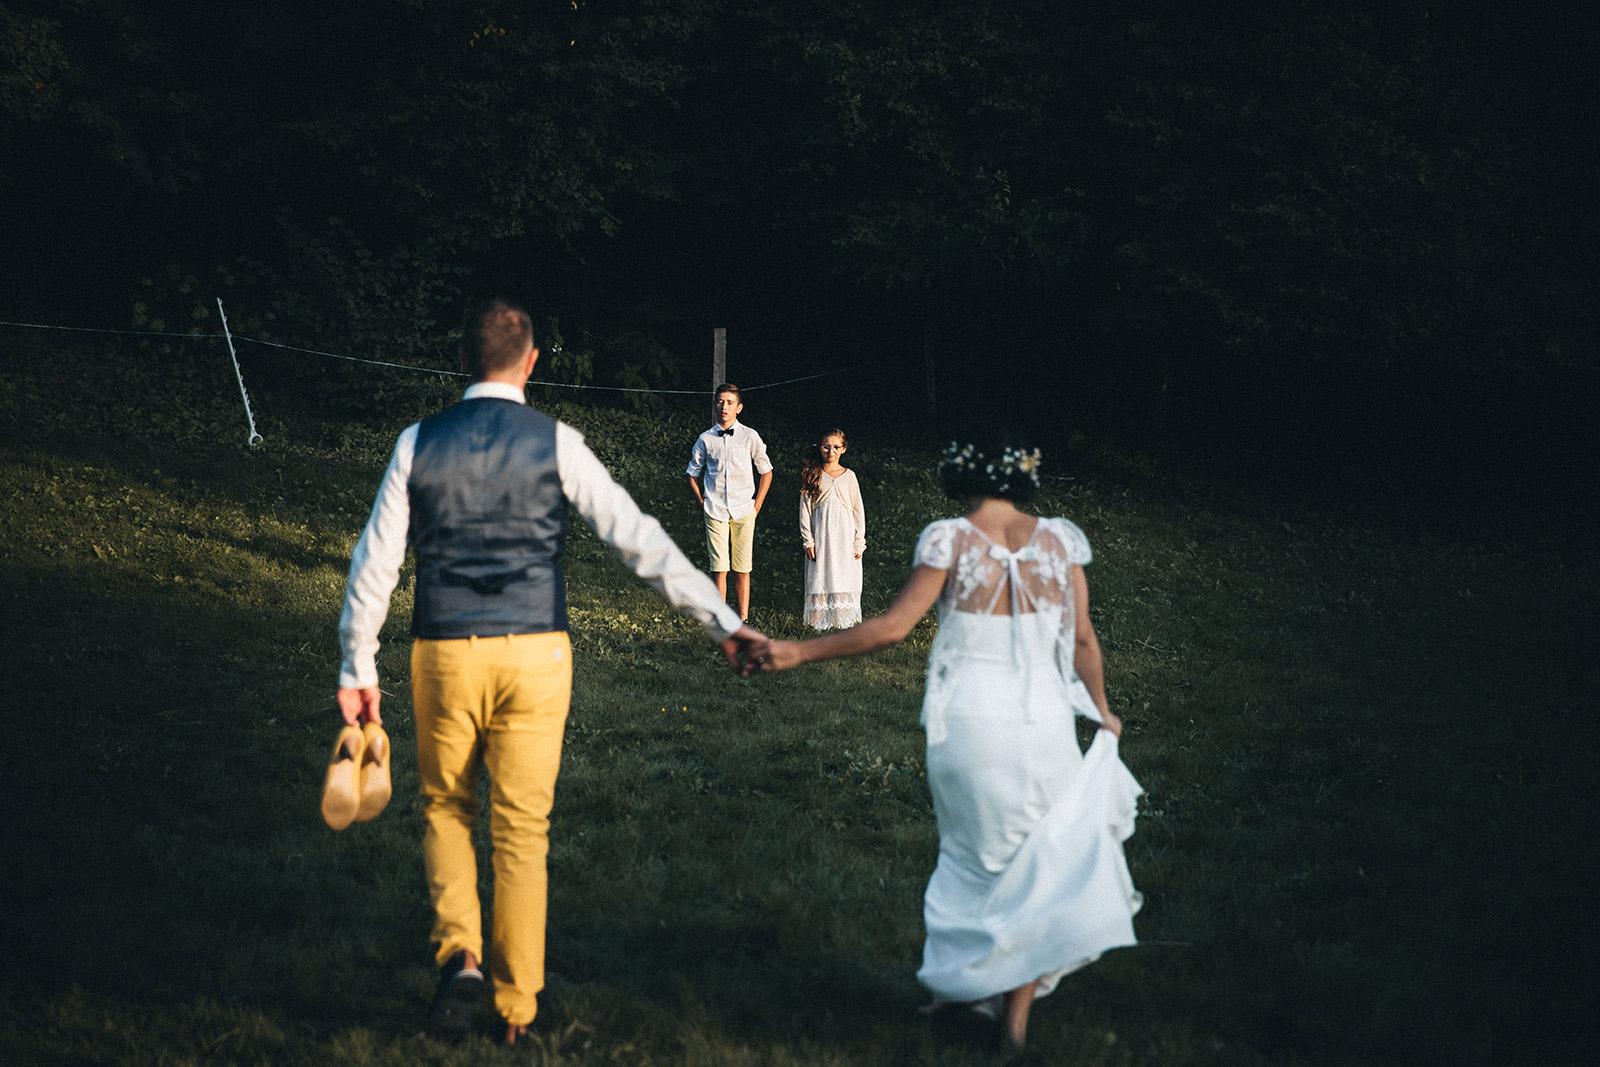 Meilleur avis photographe de mariage Aurillac Photographe de mariage bohème à Aurillac